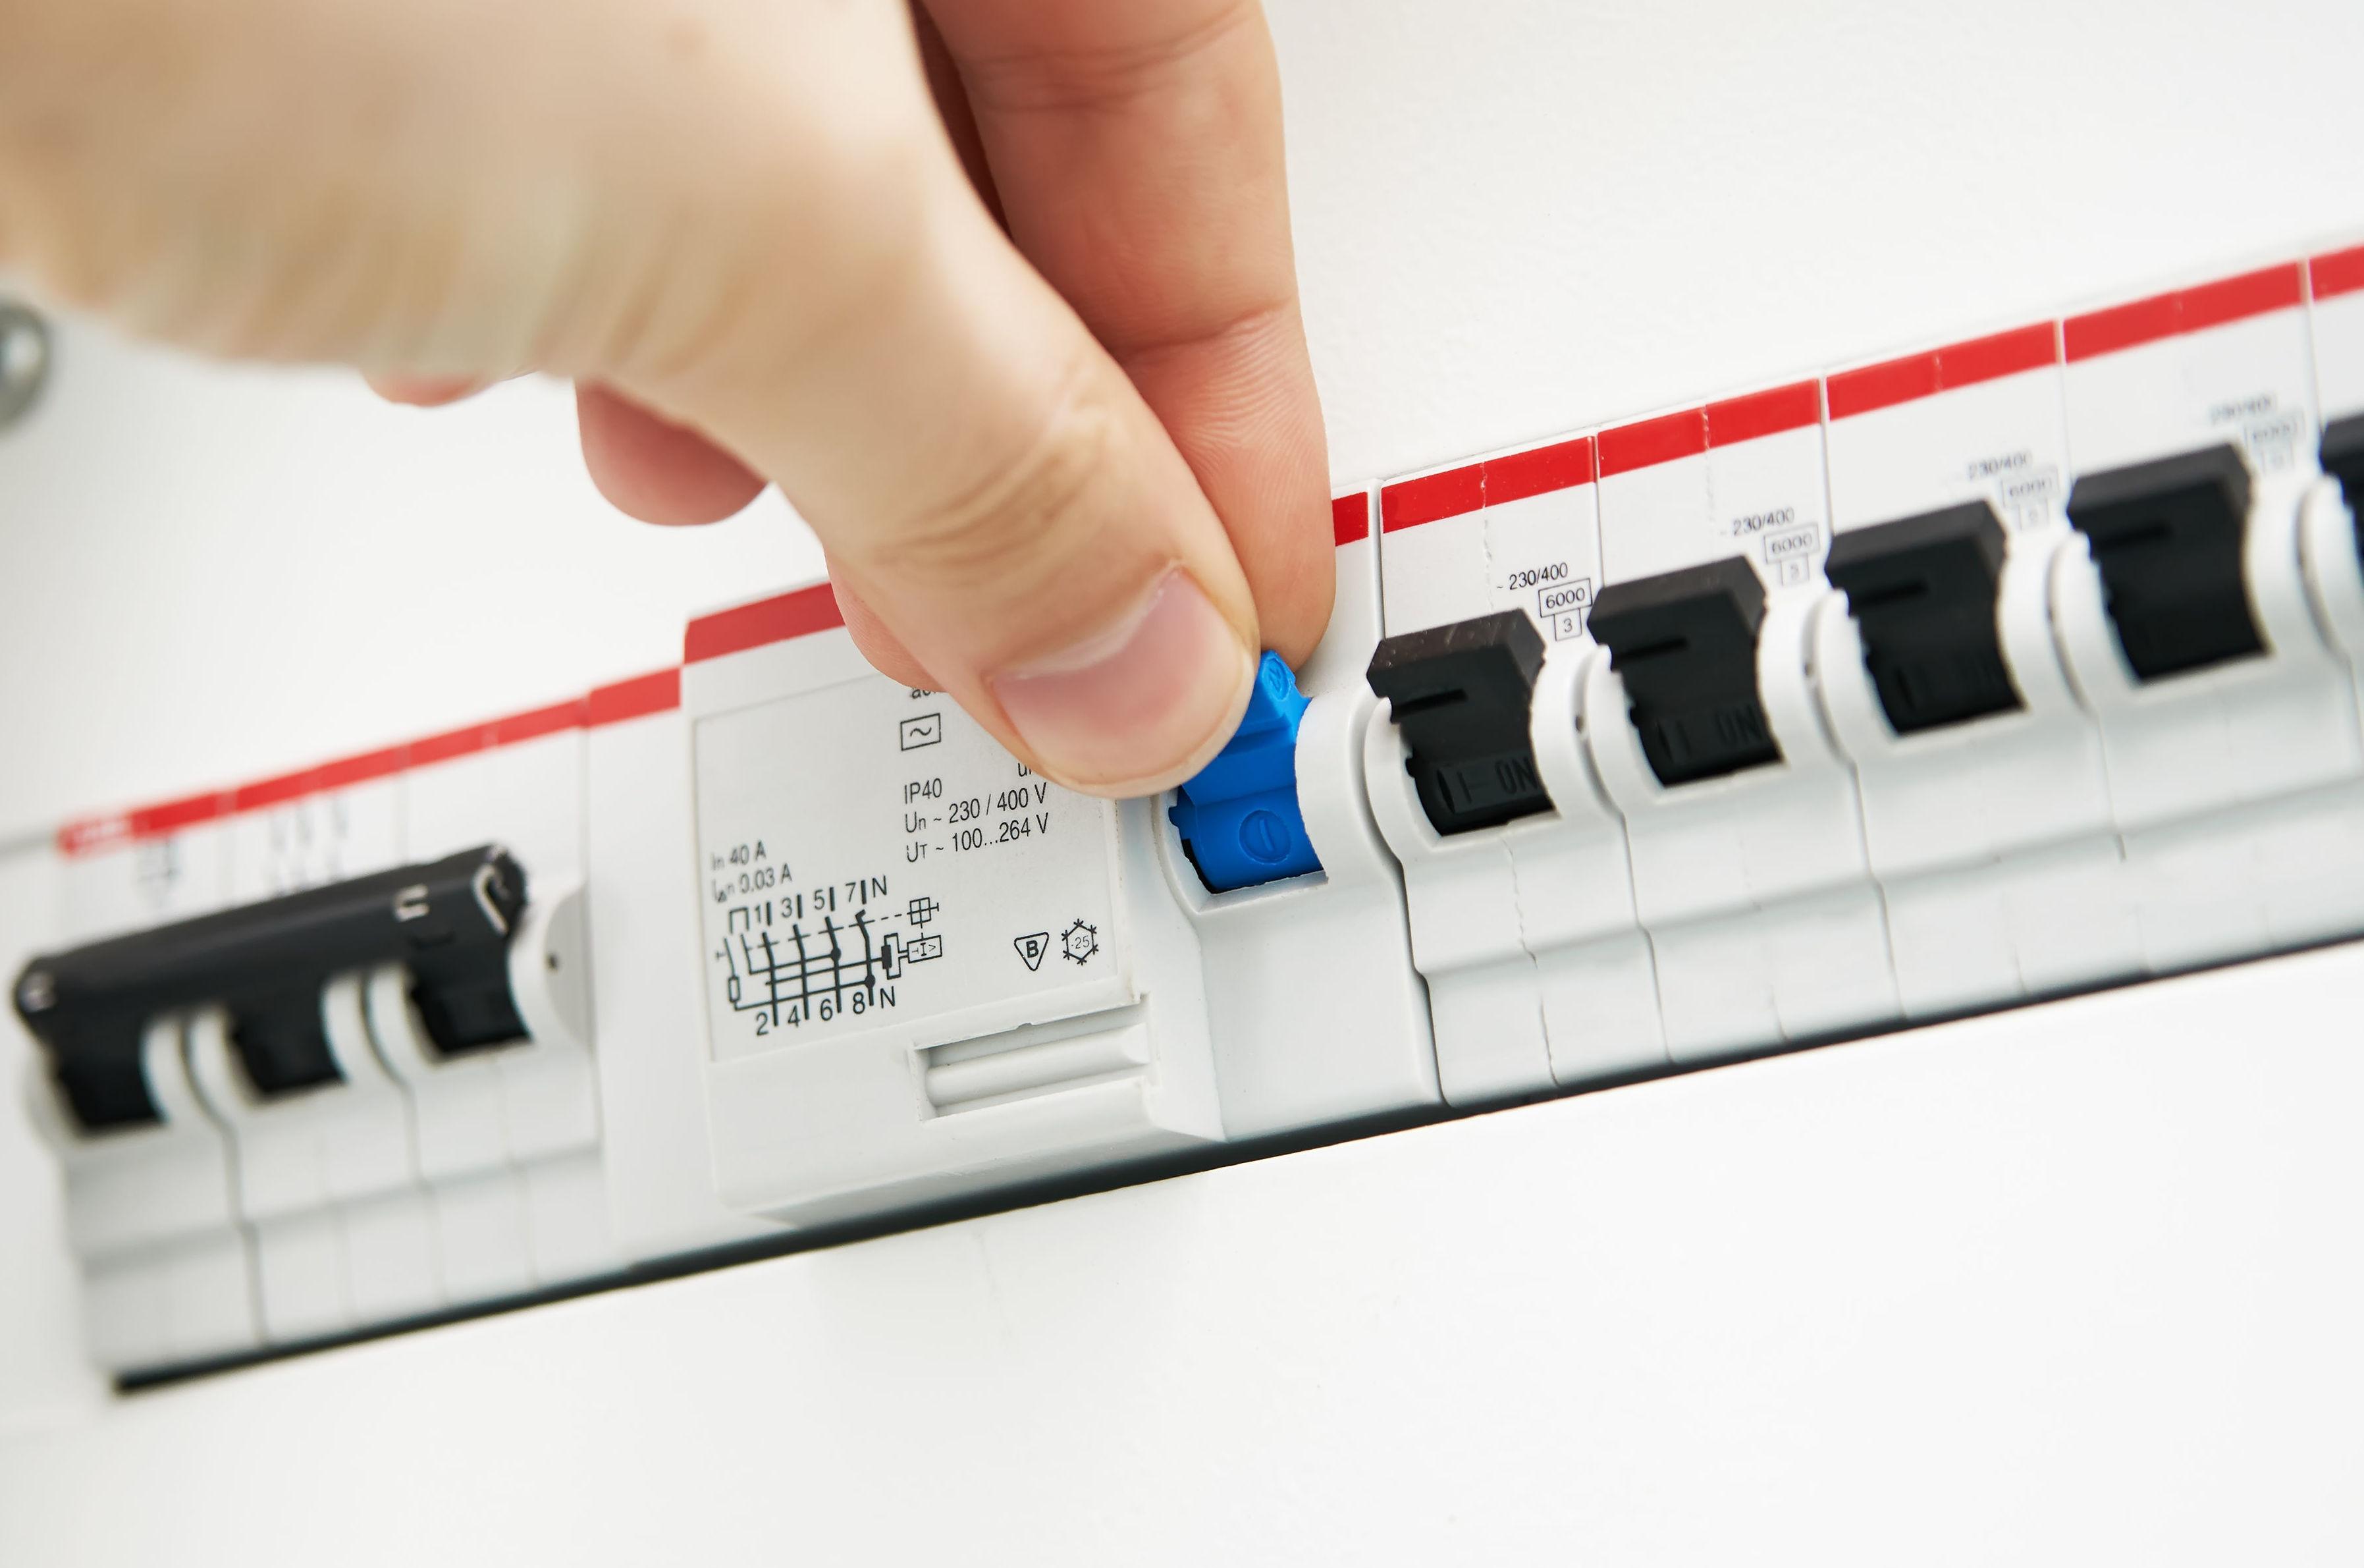 Boletines y proyectos de electricidad